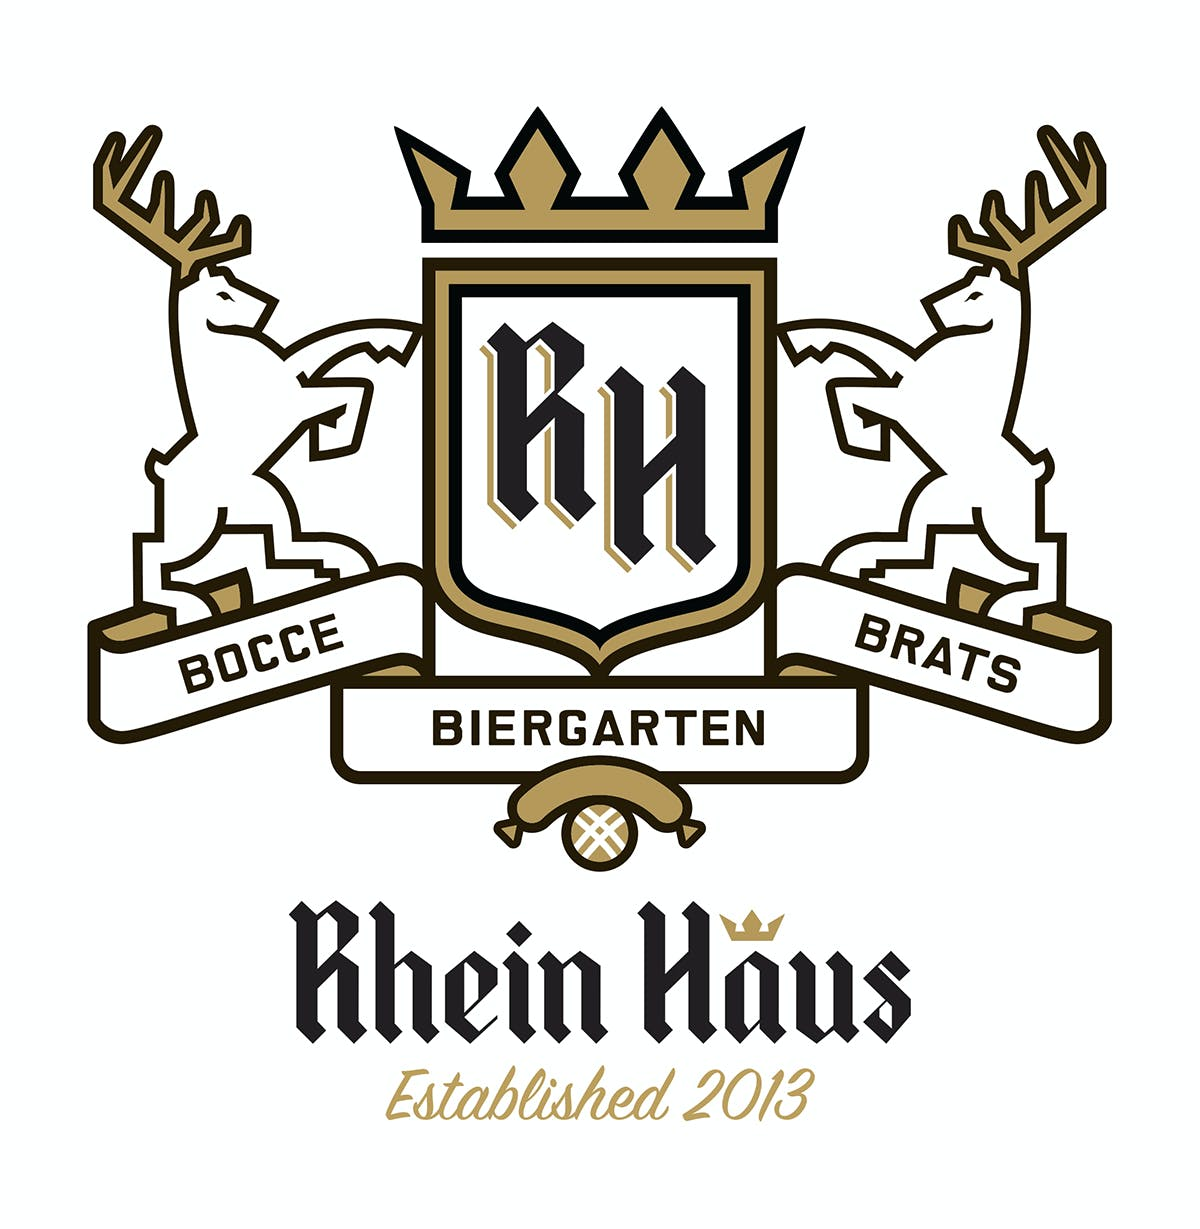 Bier List Rhein Haus Restaurant Bocce Haus Bier Hall